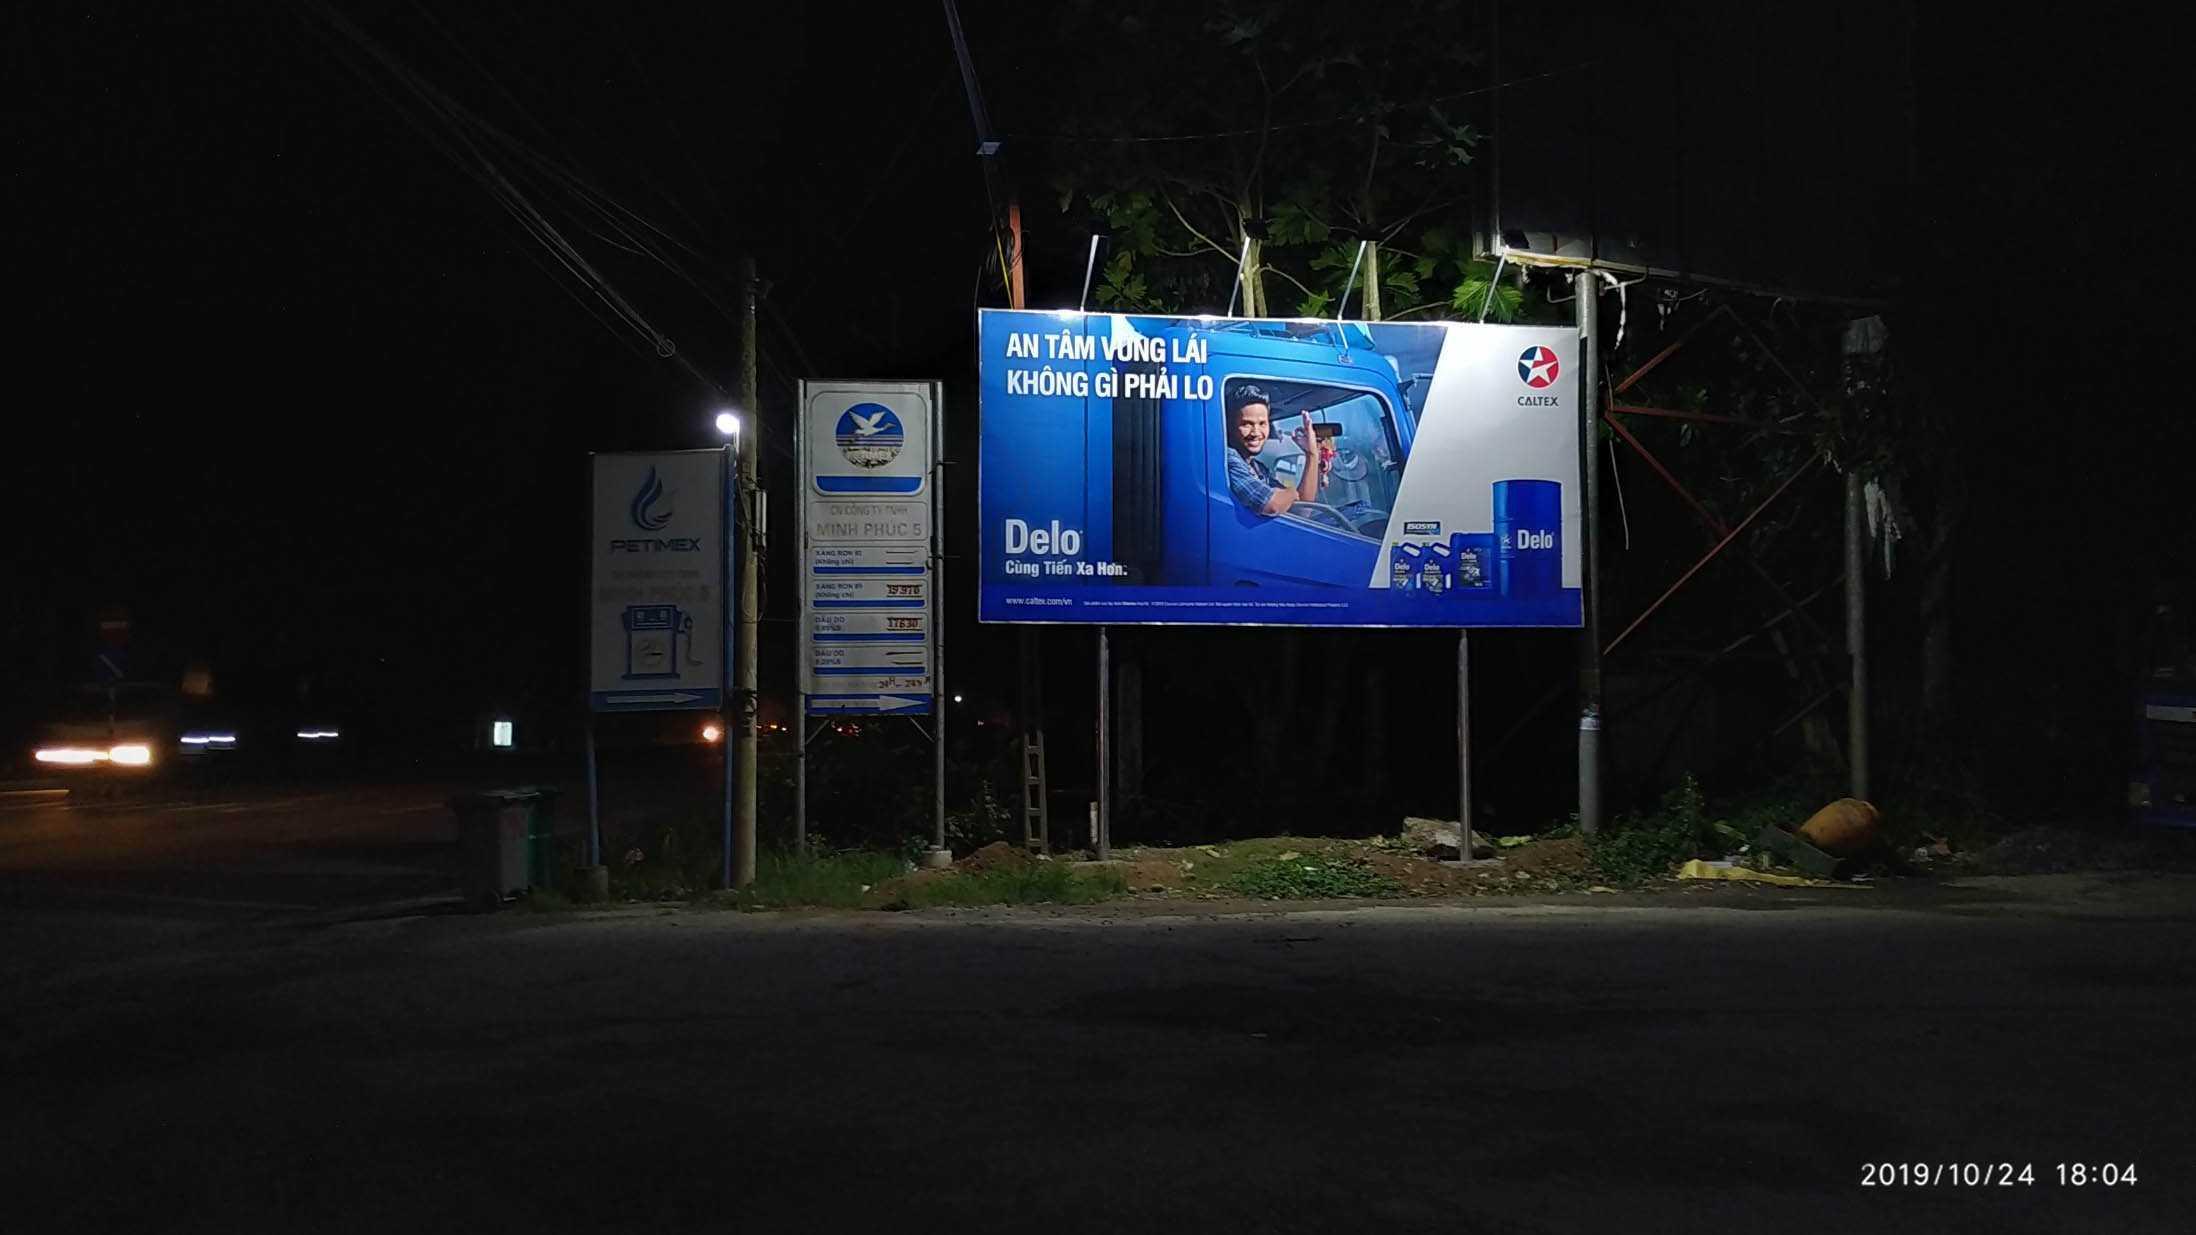 Quảng cáo CHXD Minh Phúc 5, Ấp Phú Nghĩa, xã Tân Phú, huyện Tam Bình, Vĩnh Long